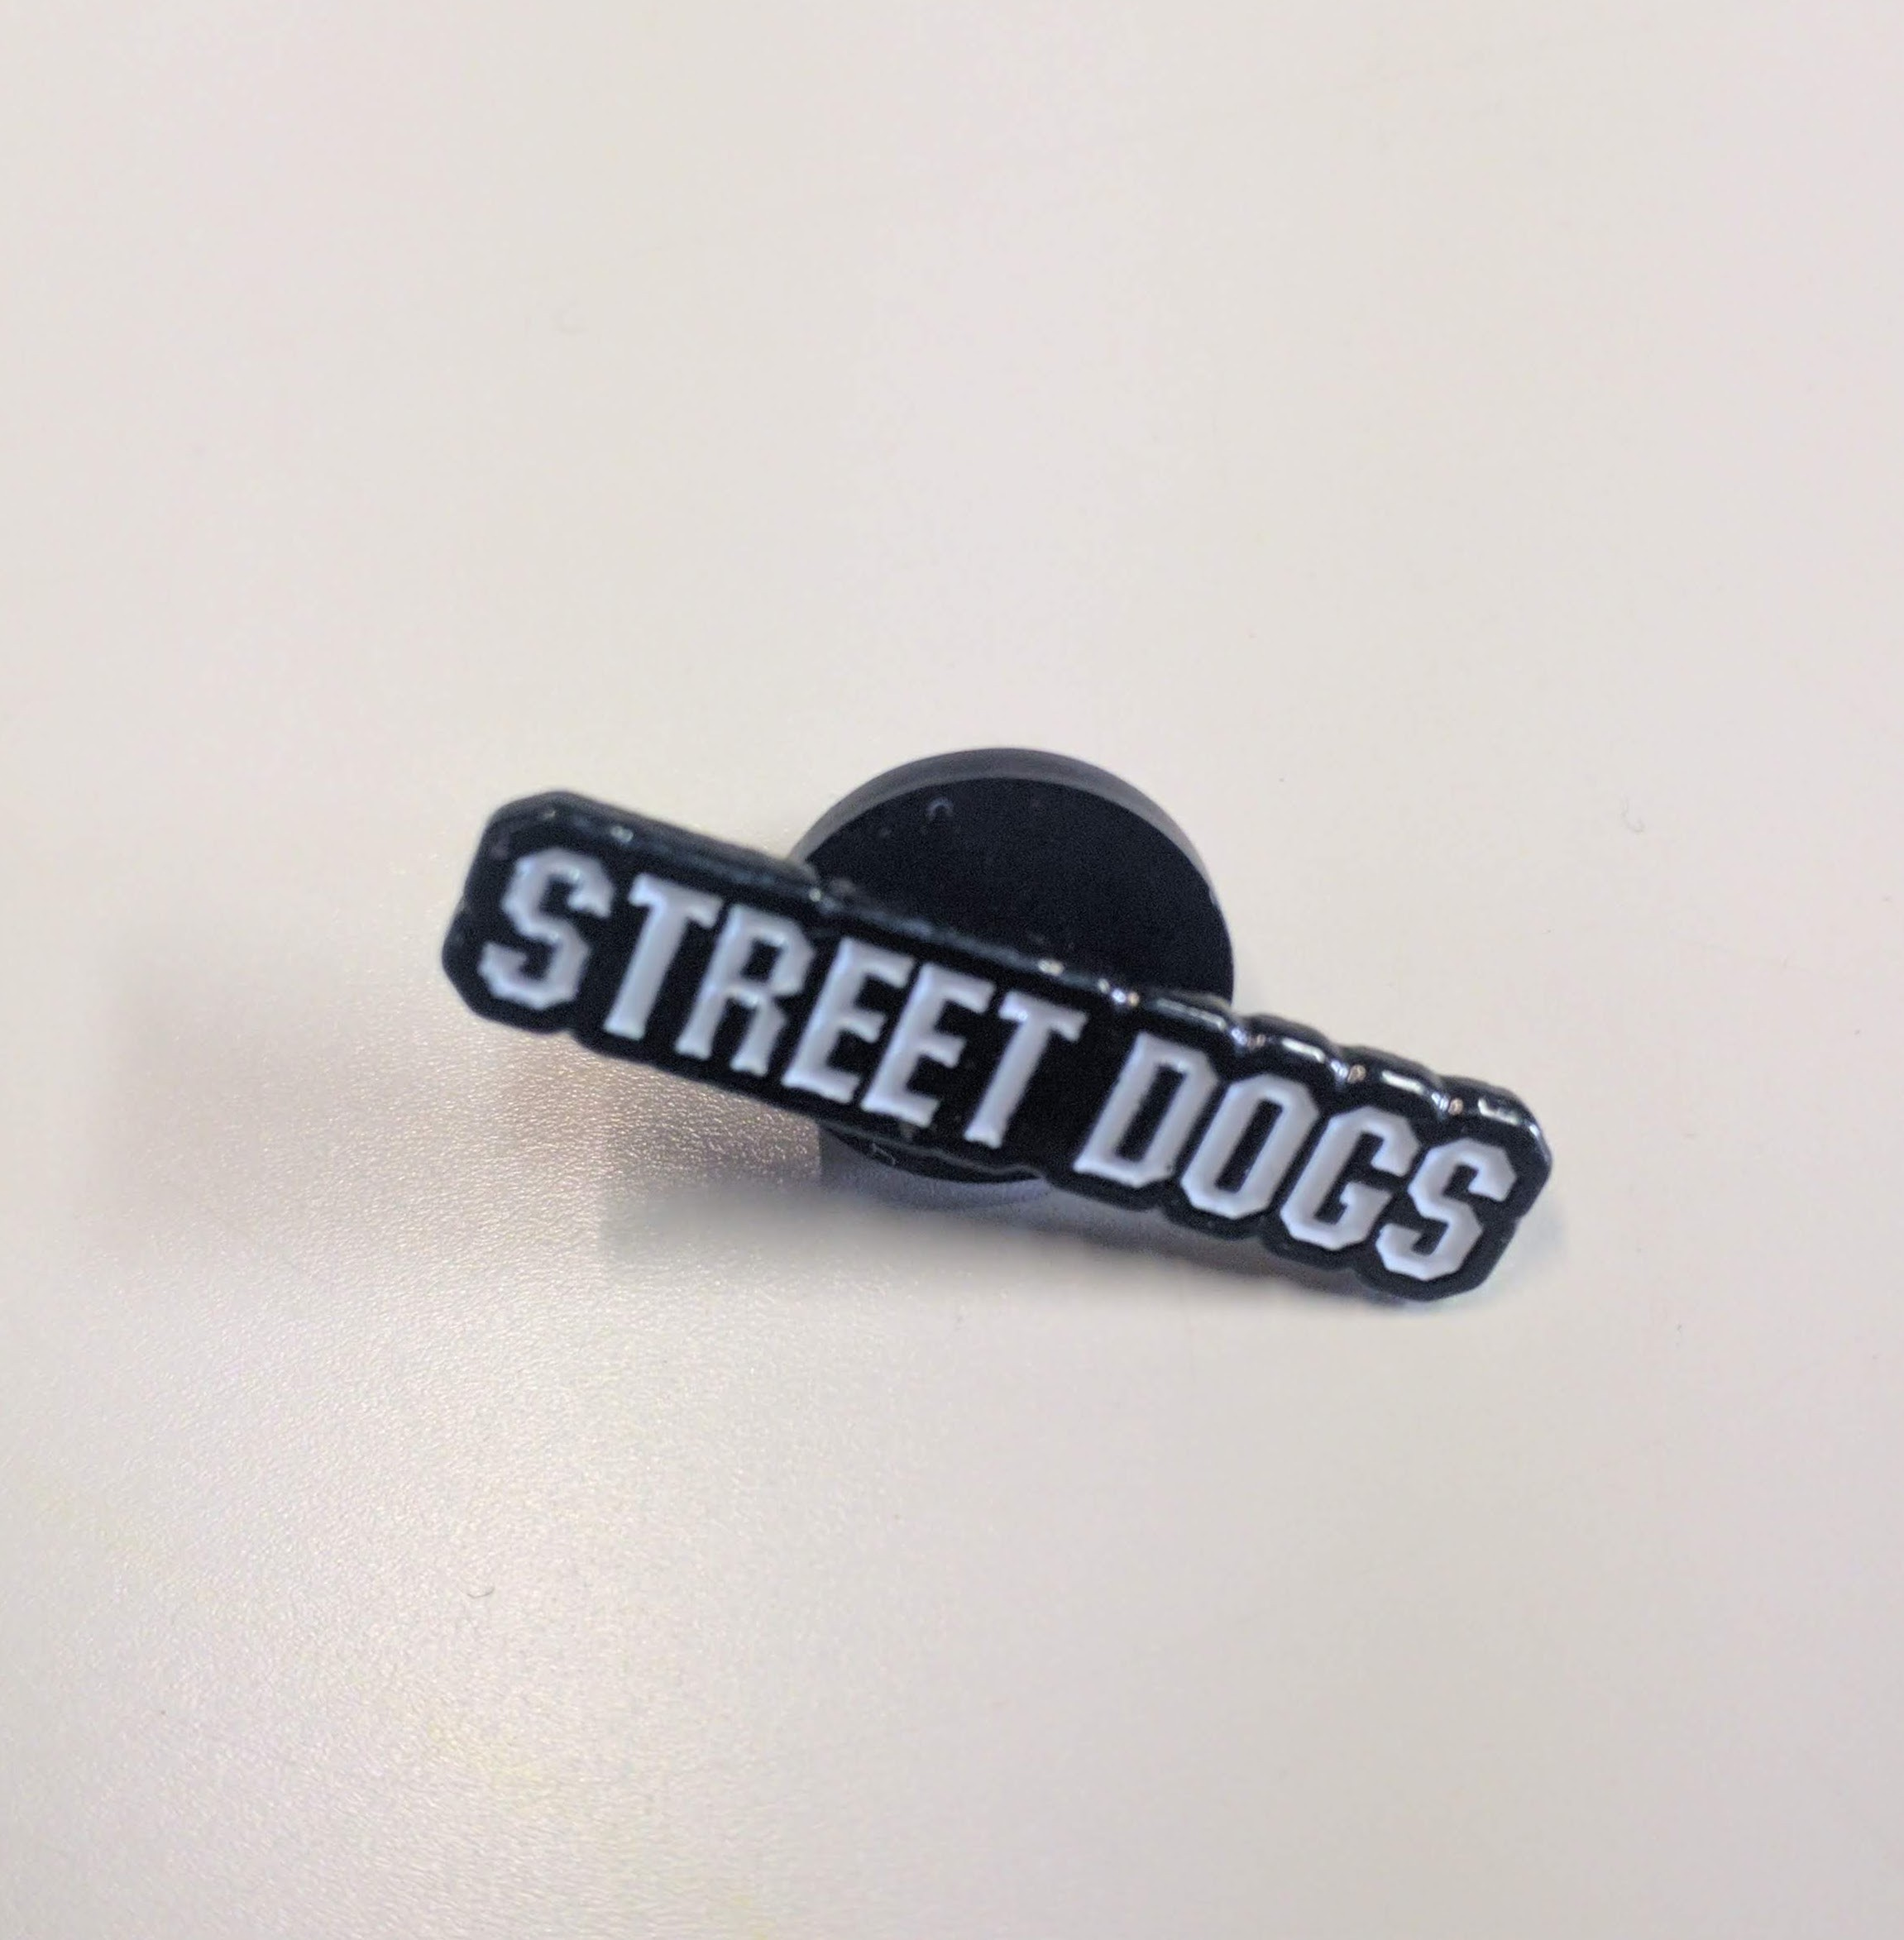 Metall-Pin - Street Dogs